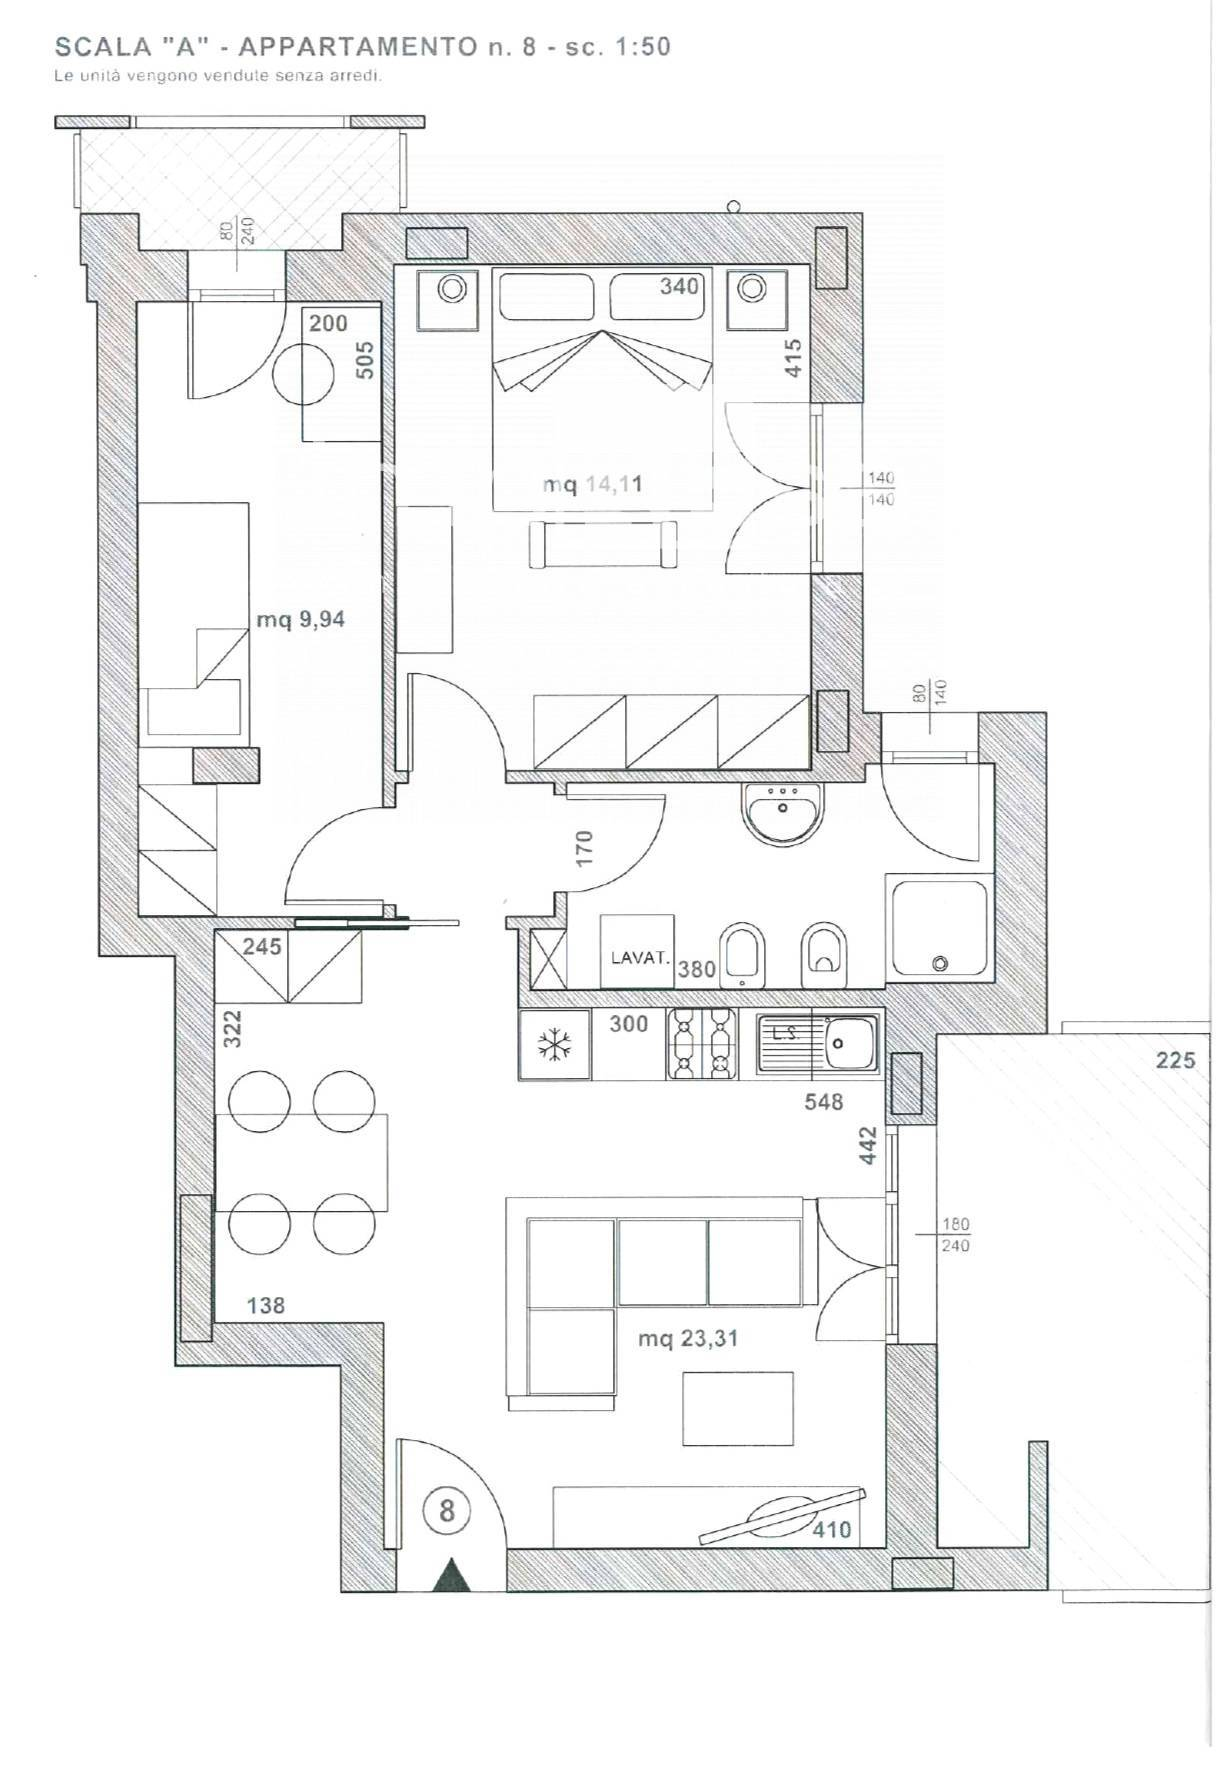 Appartamento in vendita a Paese, 3 locali, zona Zona: Padernello, prezzo € 148.480   CambioCasa.it